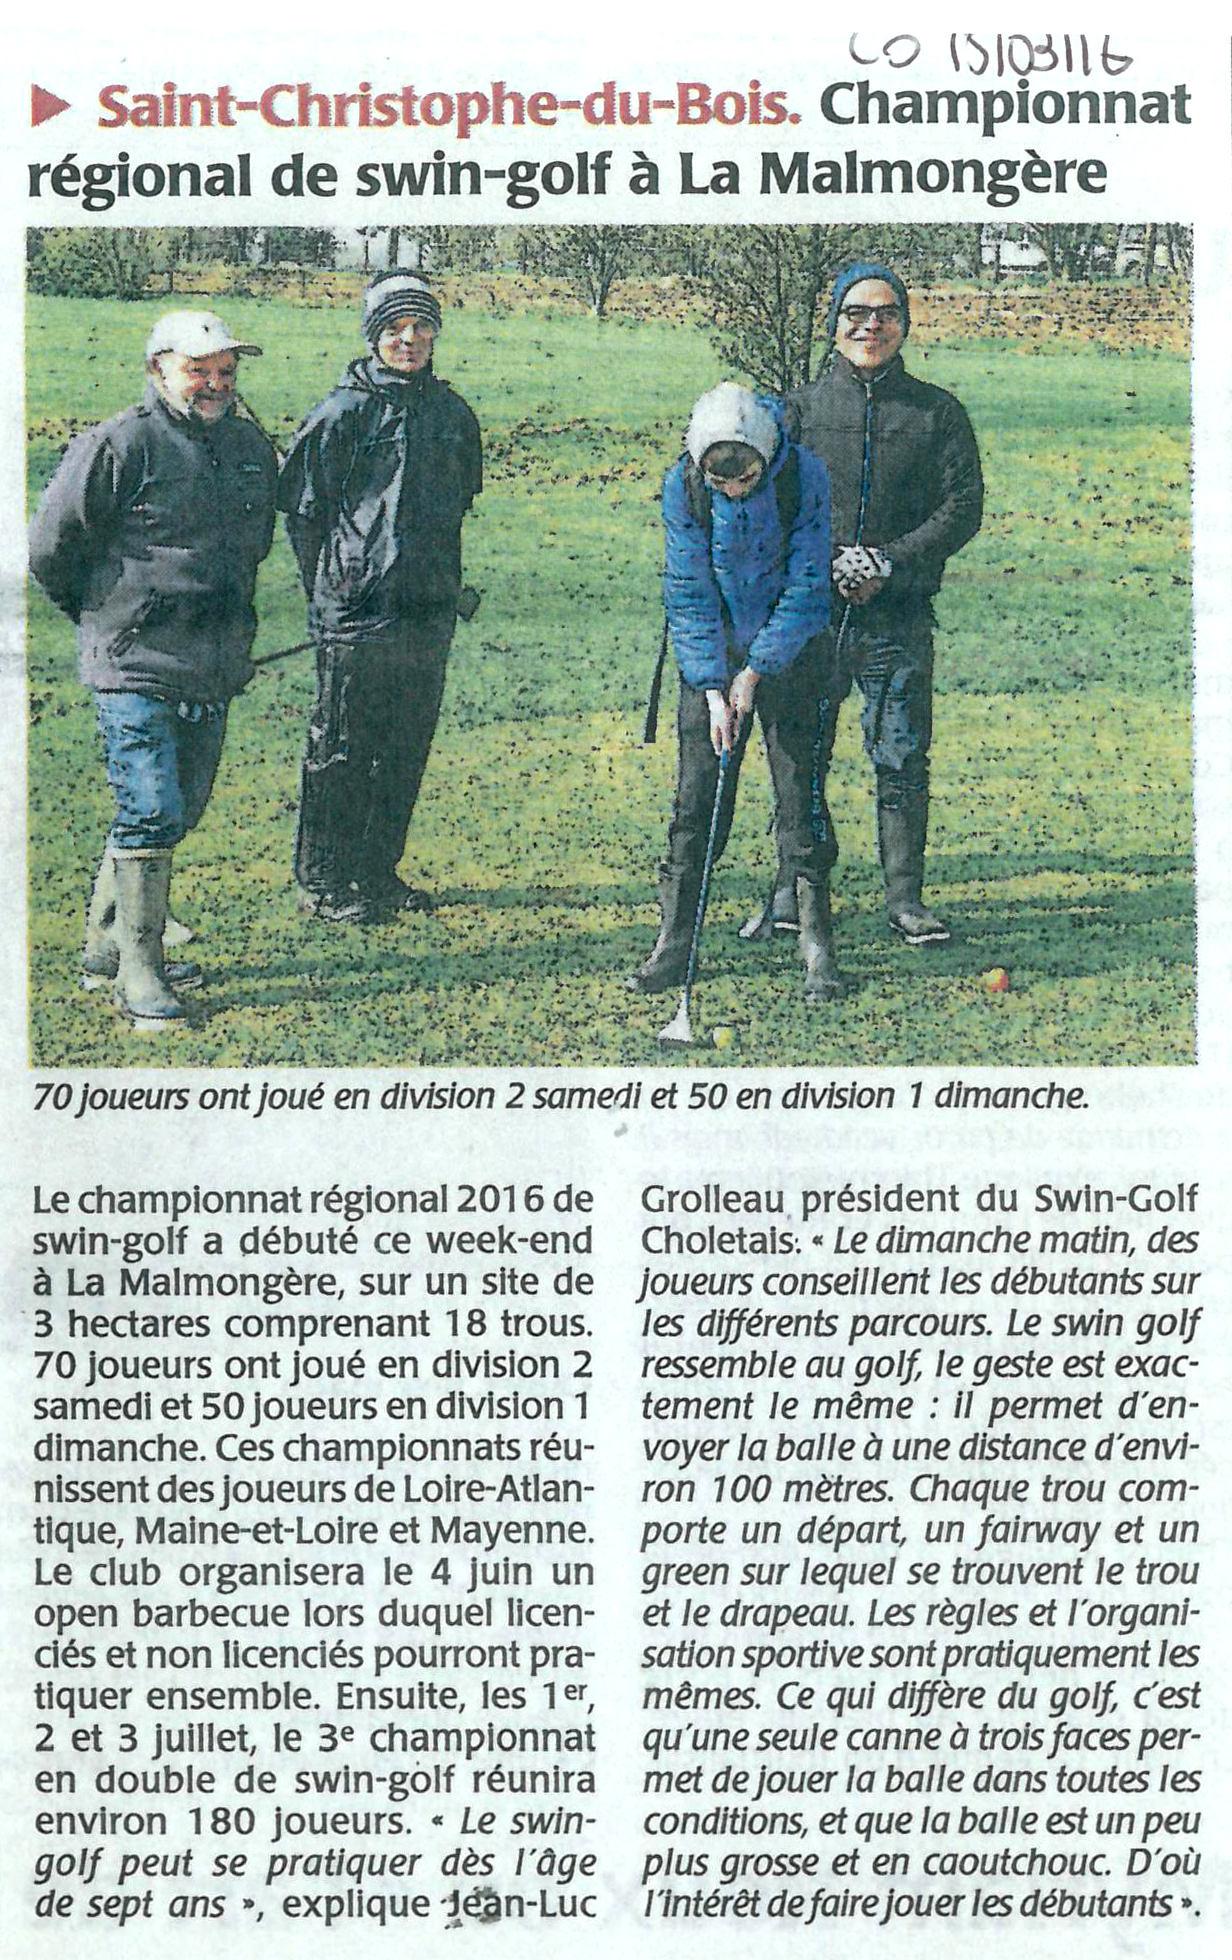 swin golf co 15032016